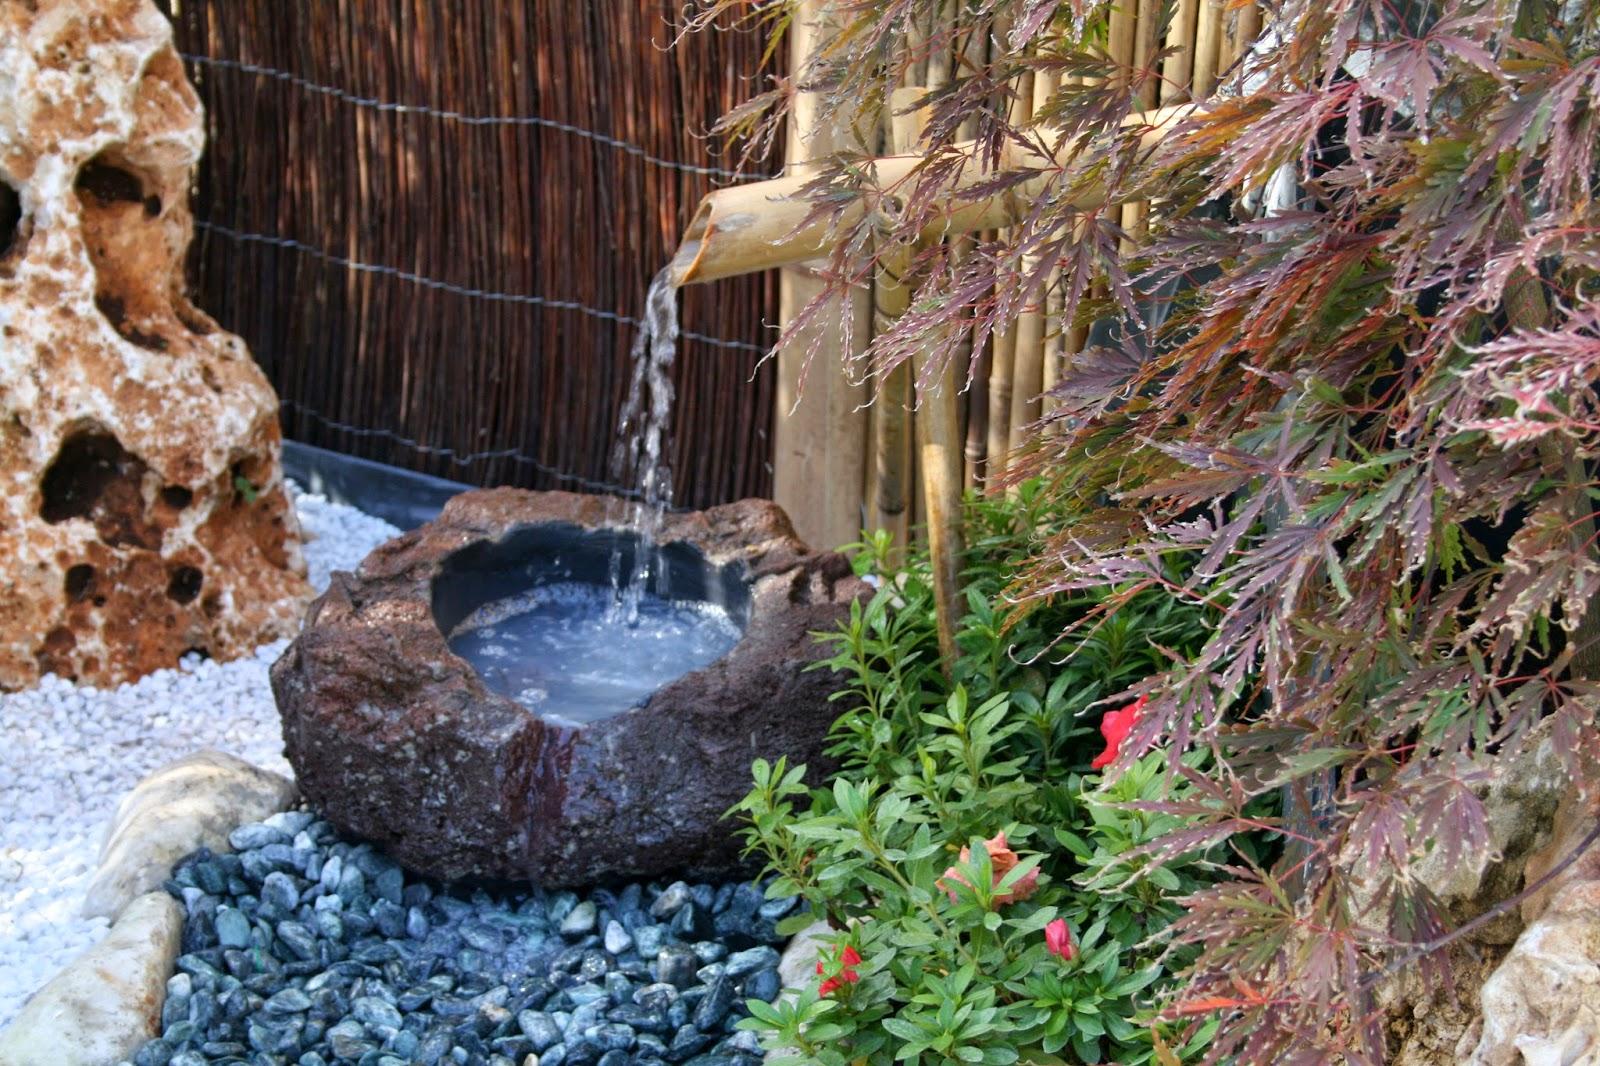 Themart eventi la spiritualit prende forma nel vostro evento - Giardino zen in miniatura ...